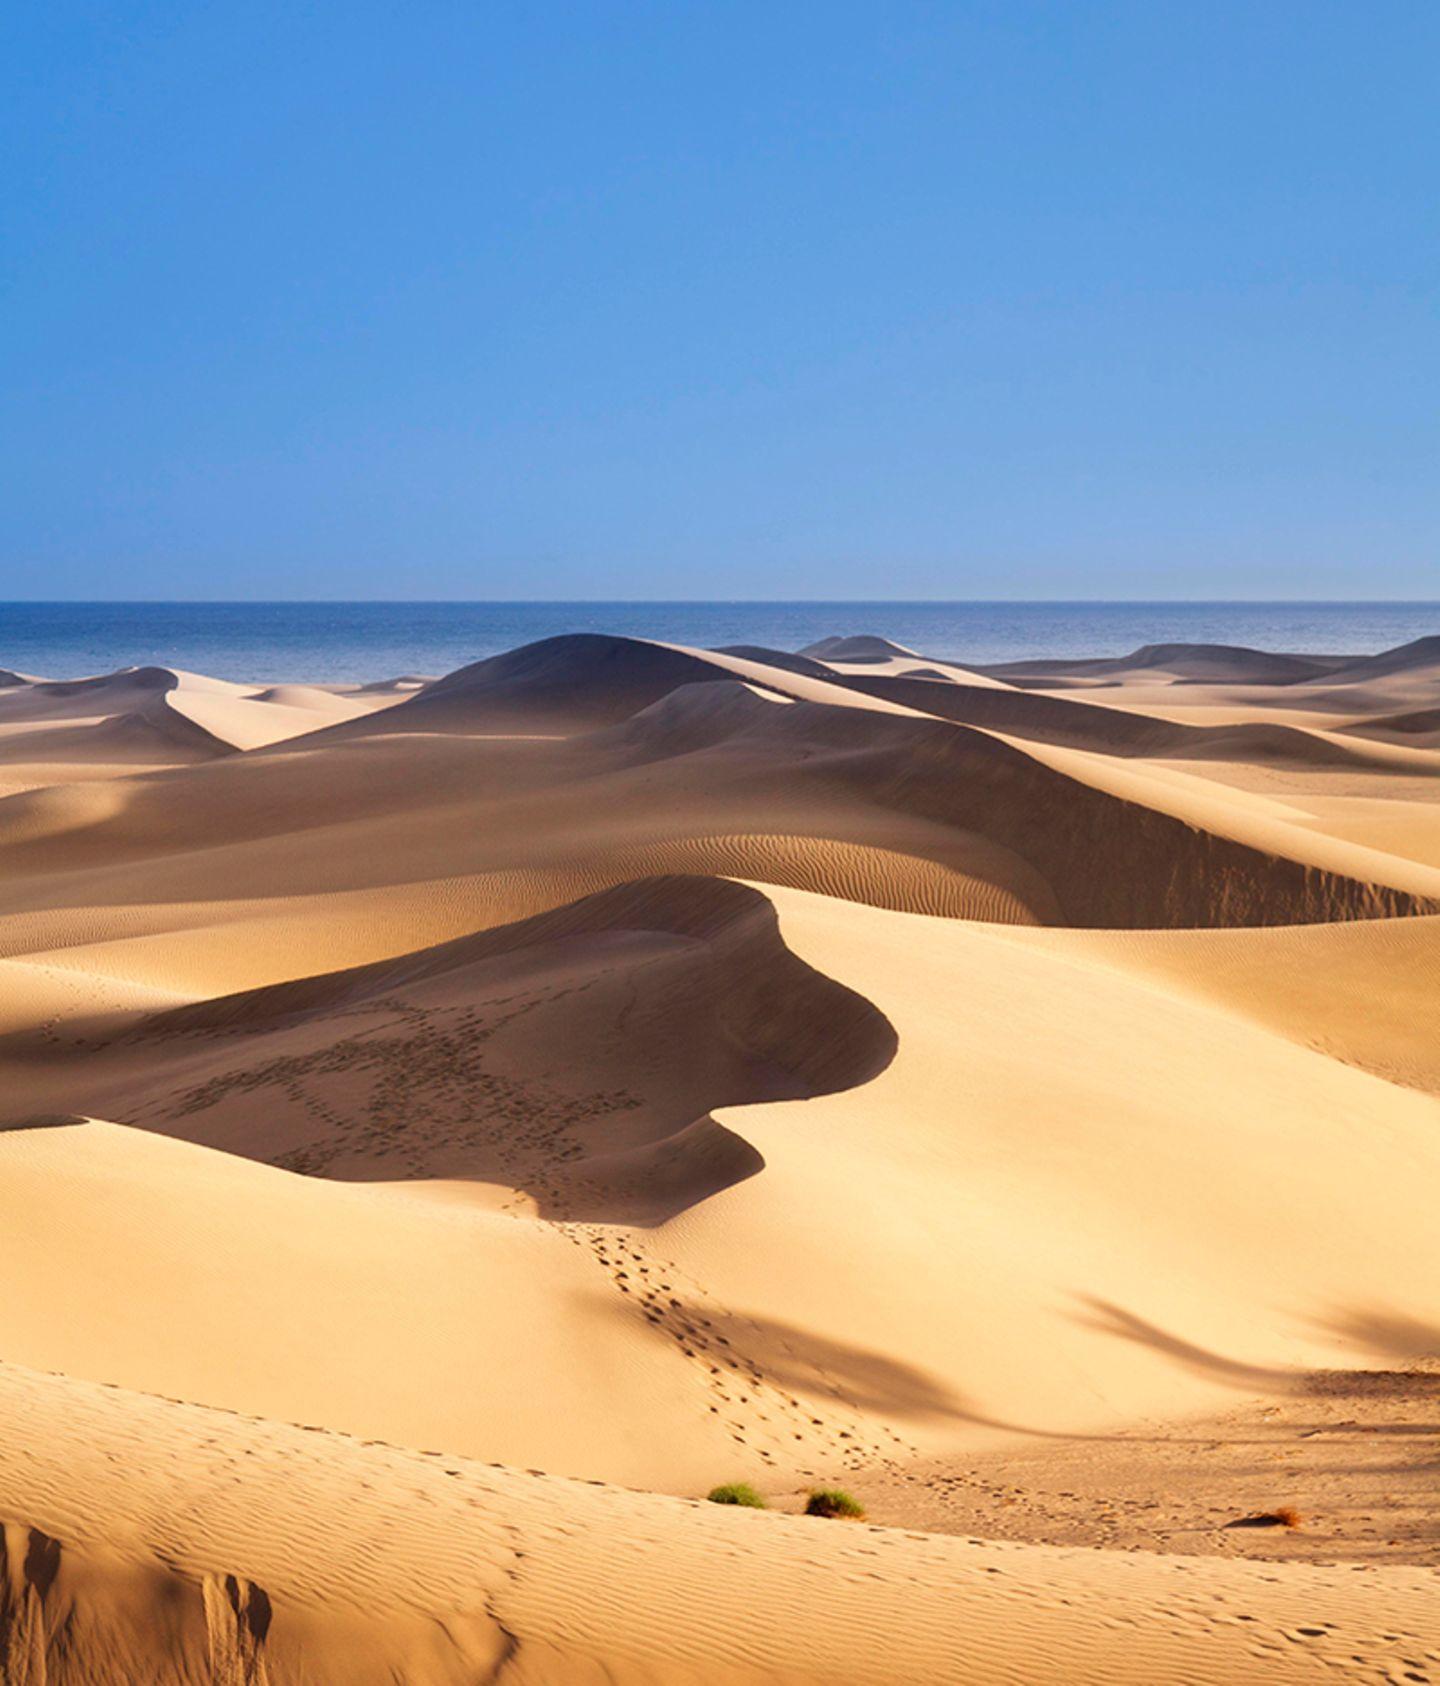 Dünen von Maspalomas, Gran Canaria, Kanarische Inseln, Spanien